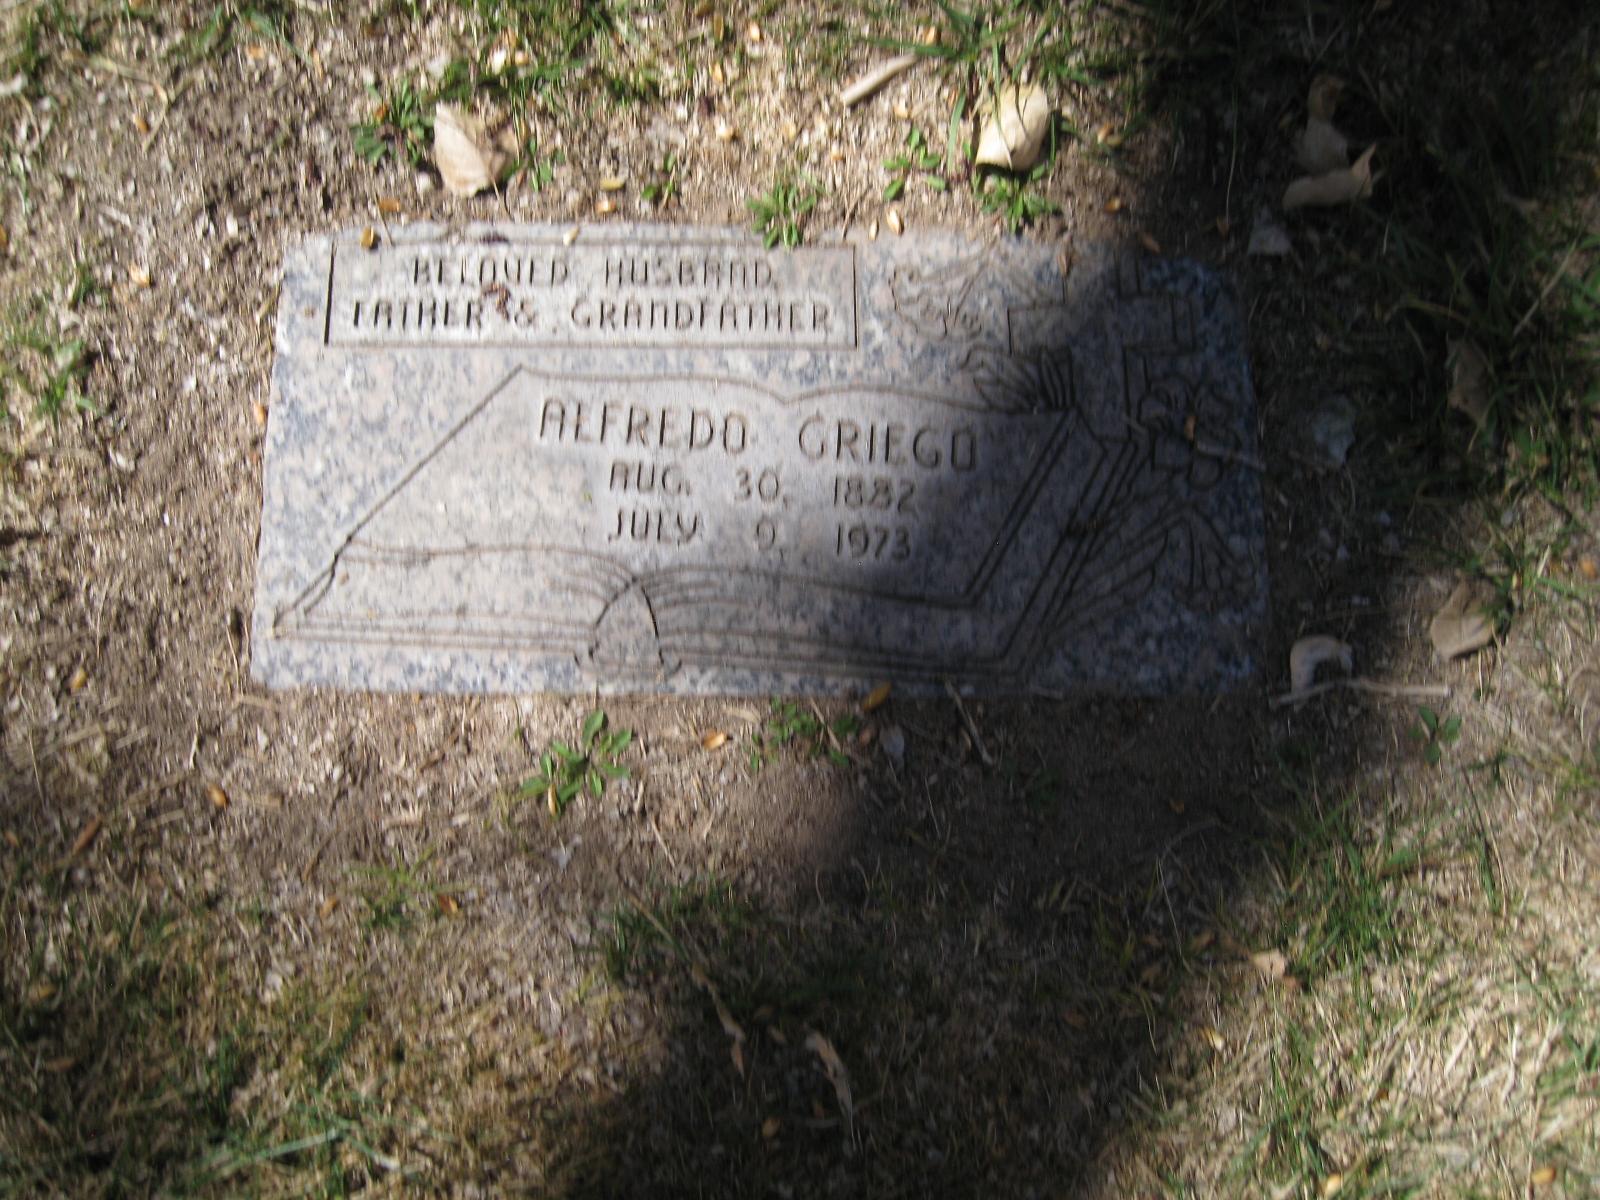 Alfredo Griego